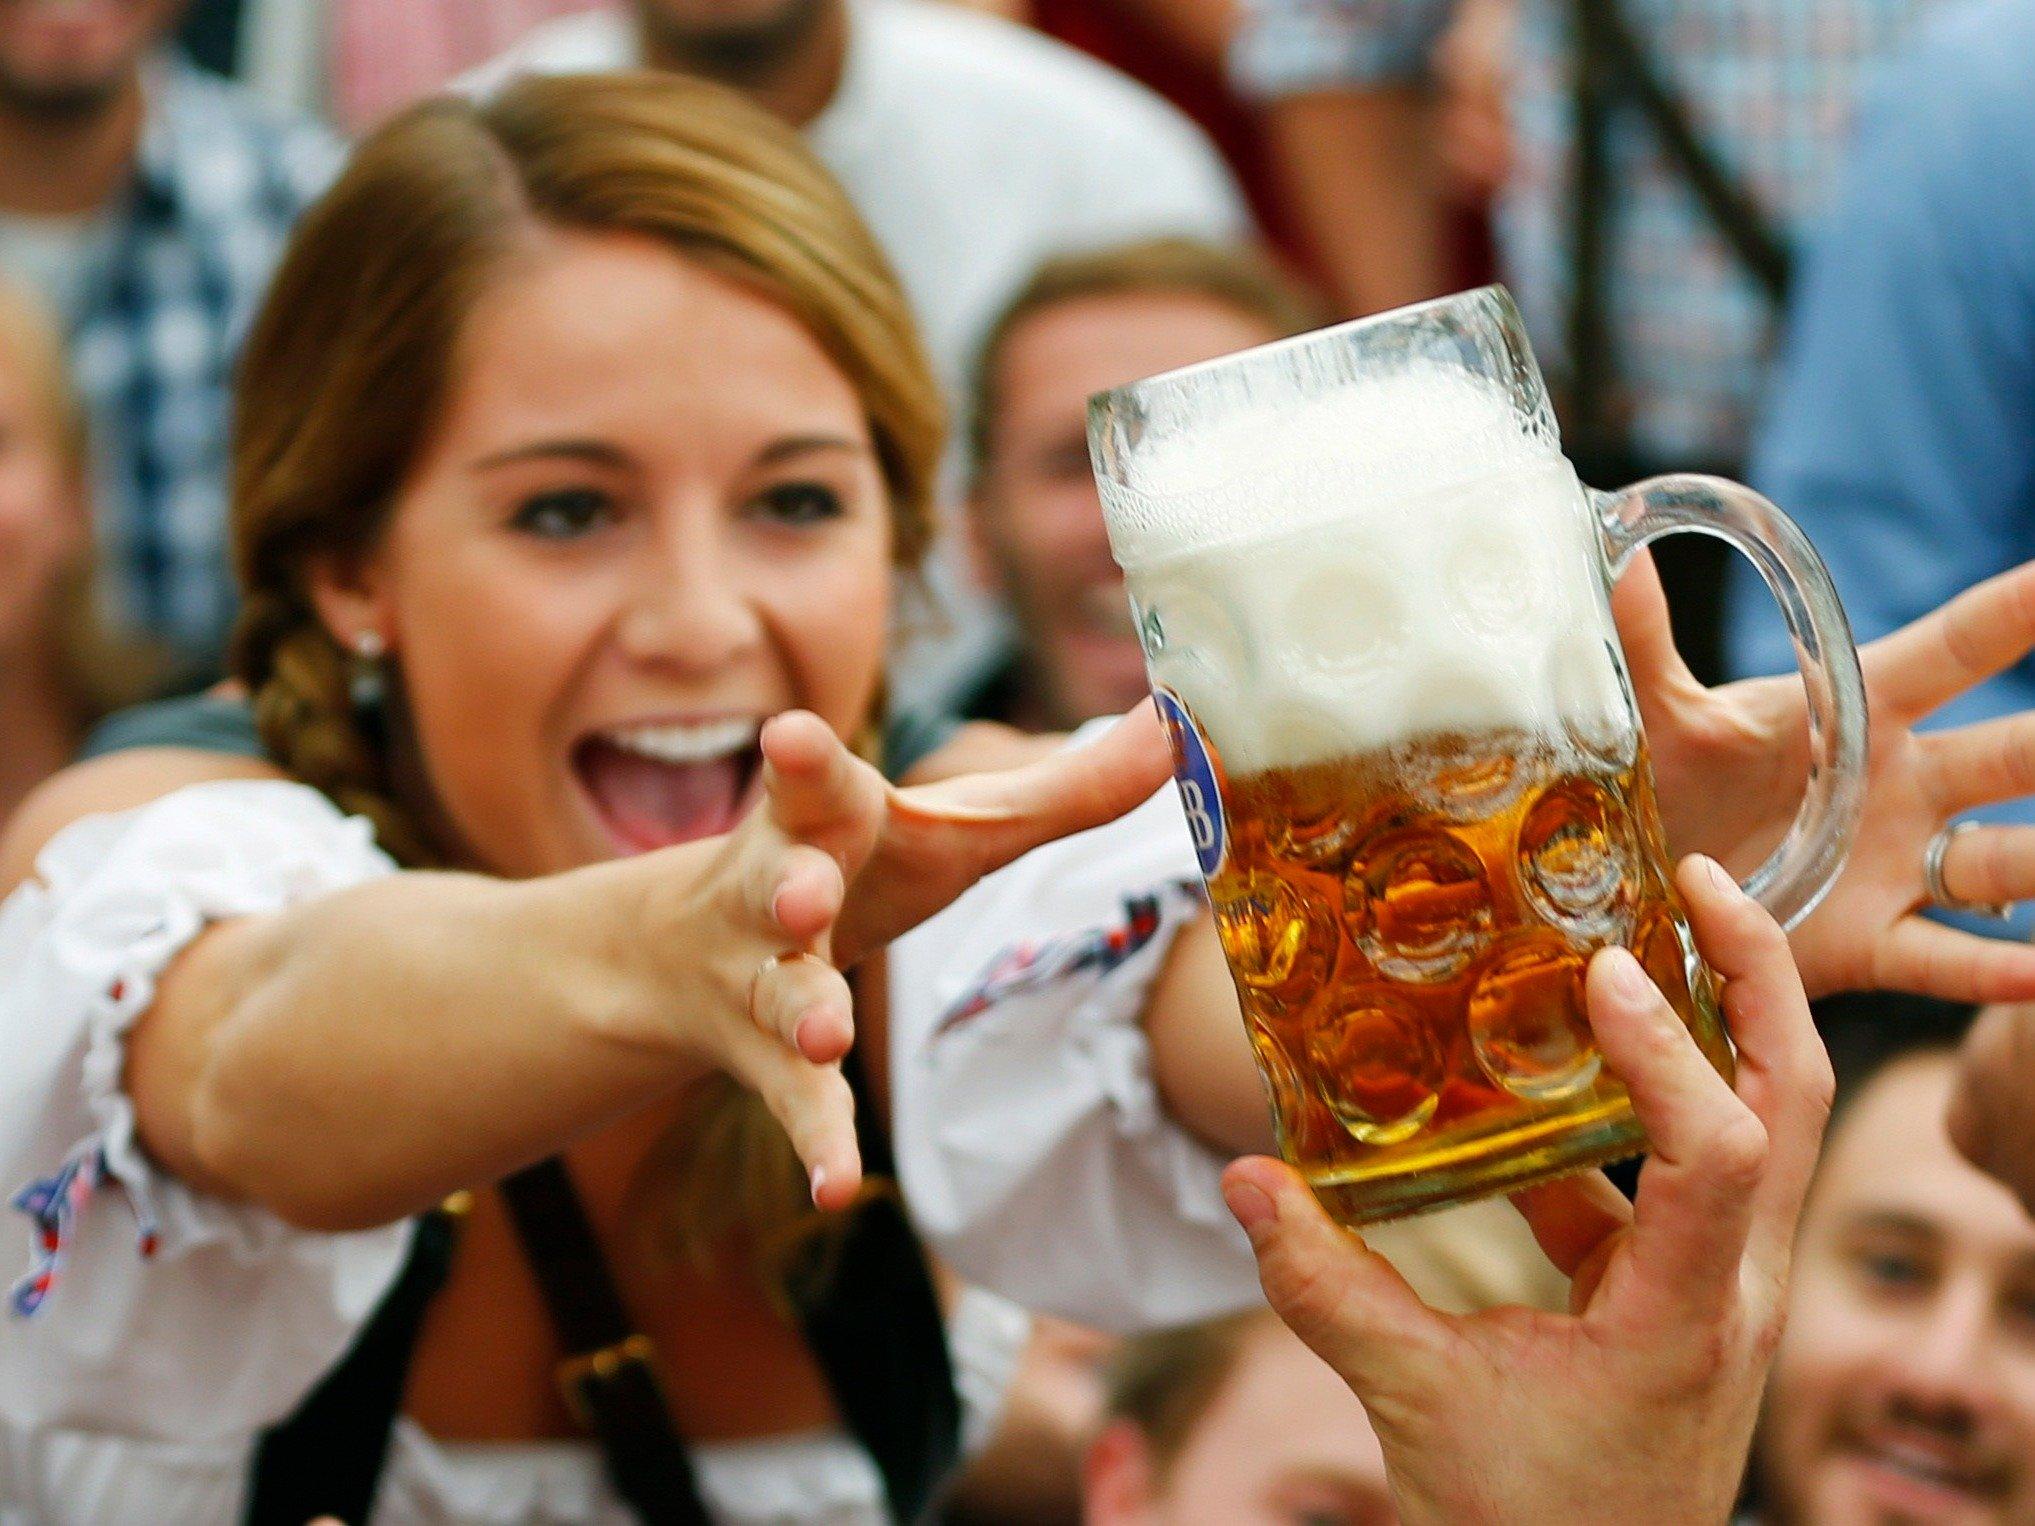 Пьют пиво картинки